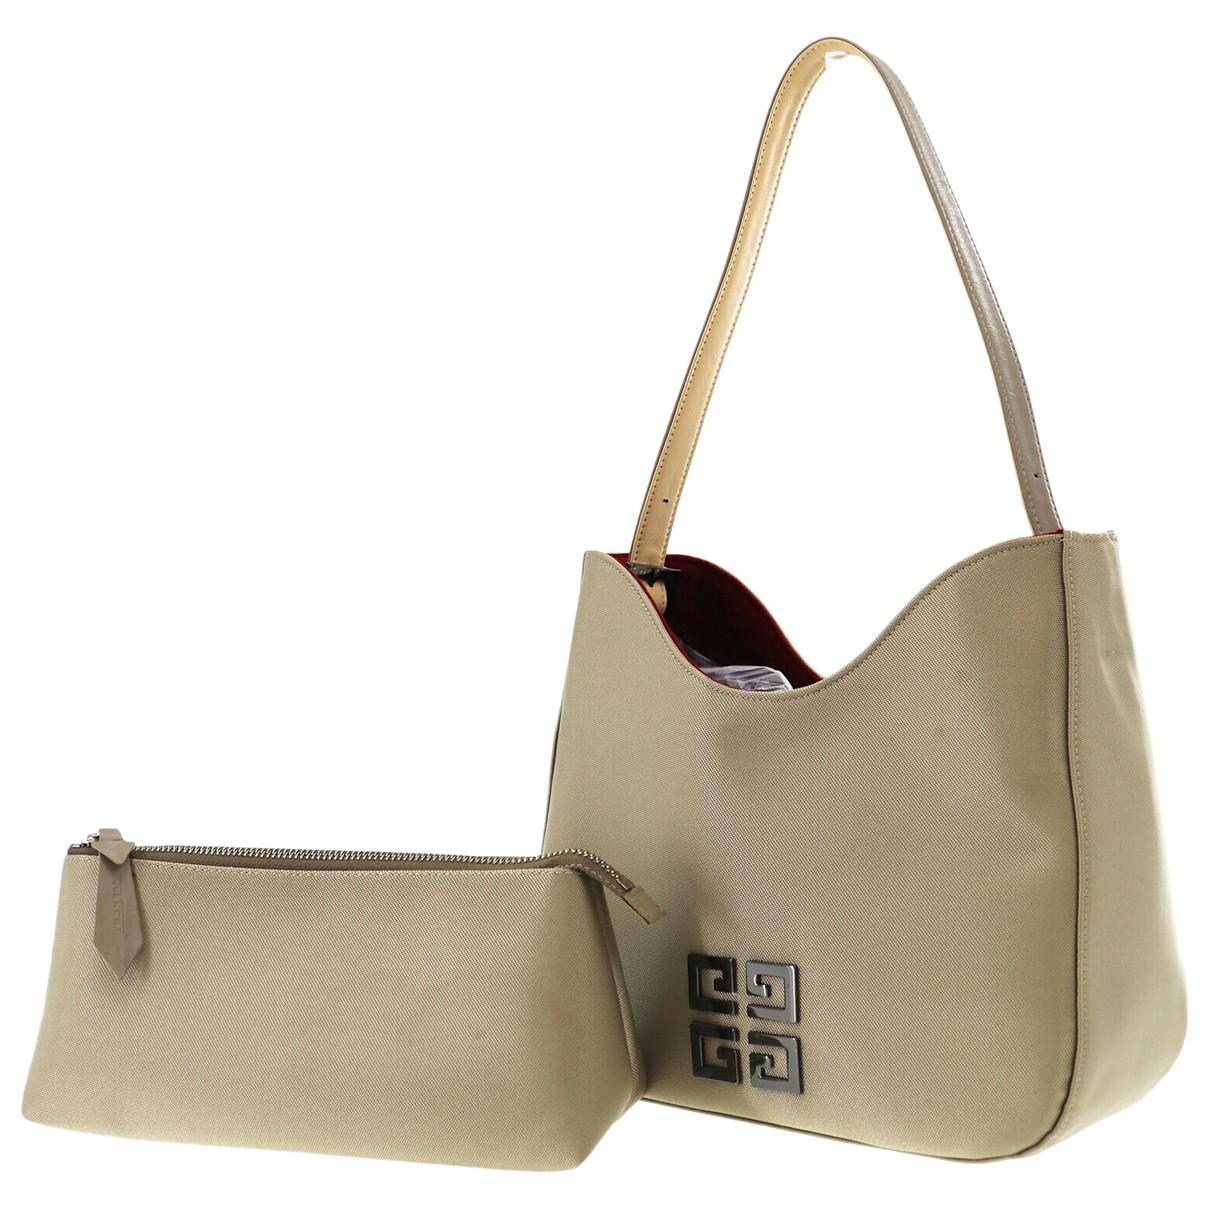 Givenchy - Sac a main   pour femme en cuir - beige